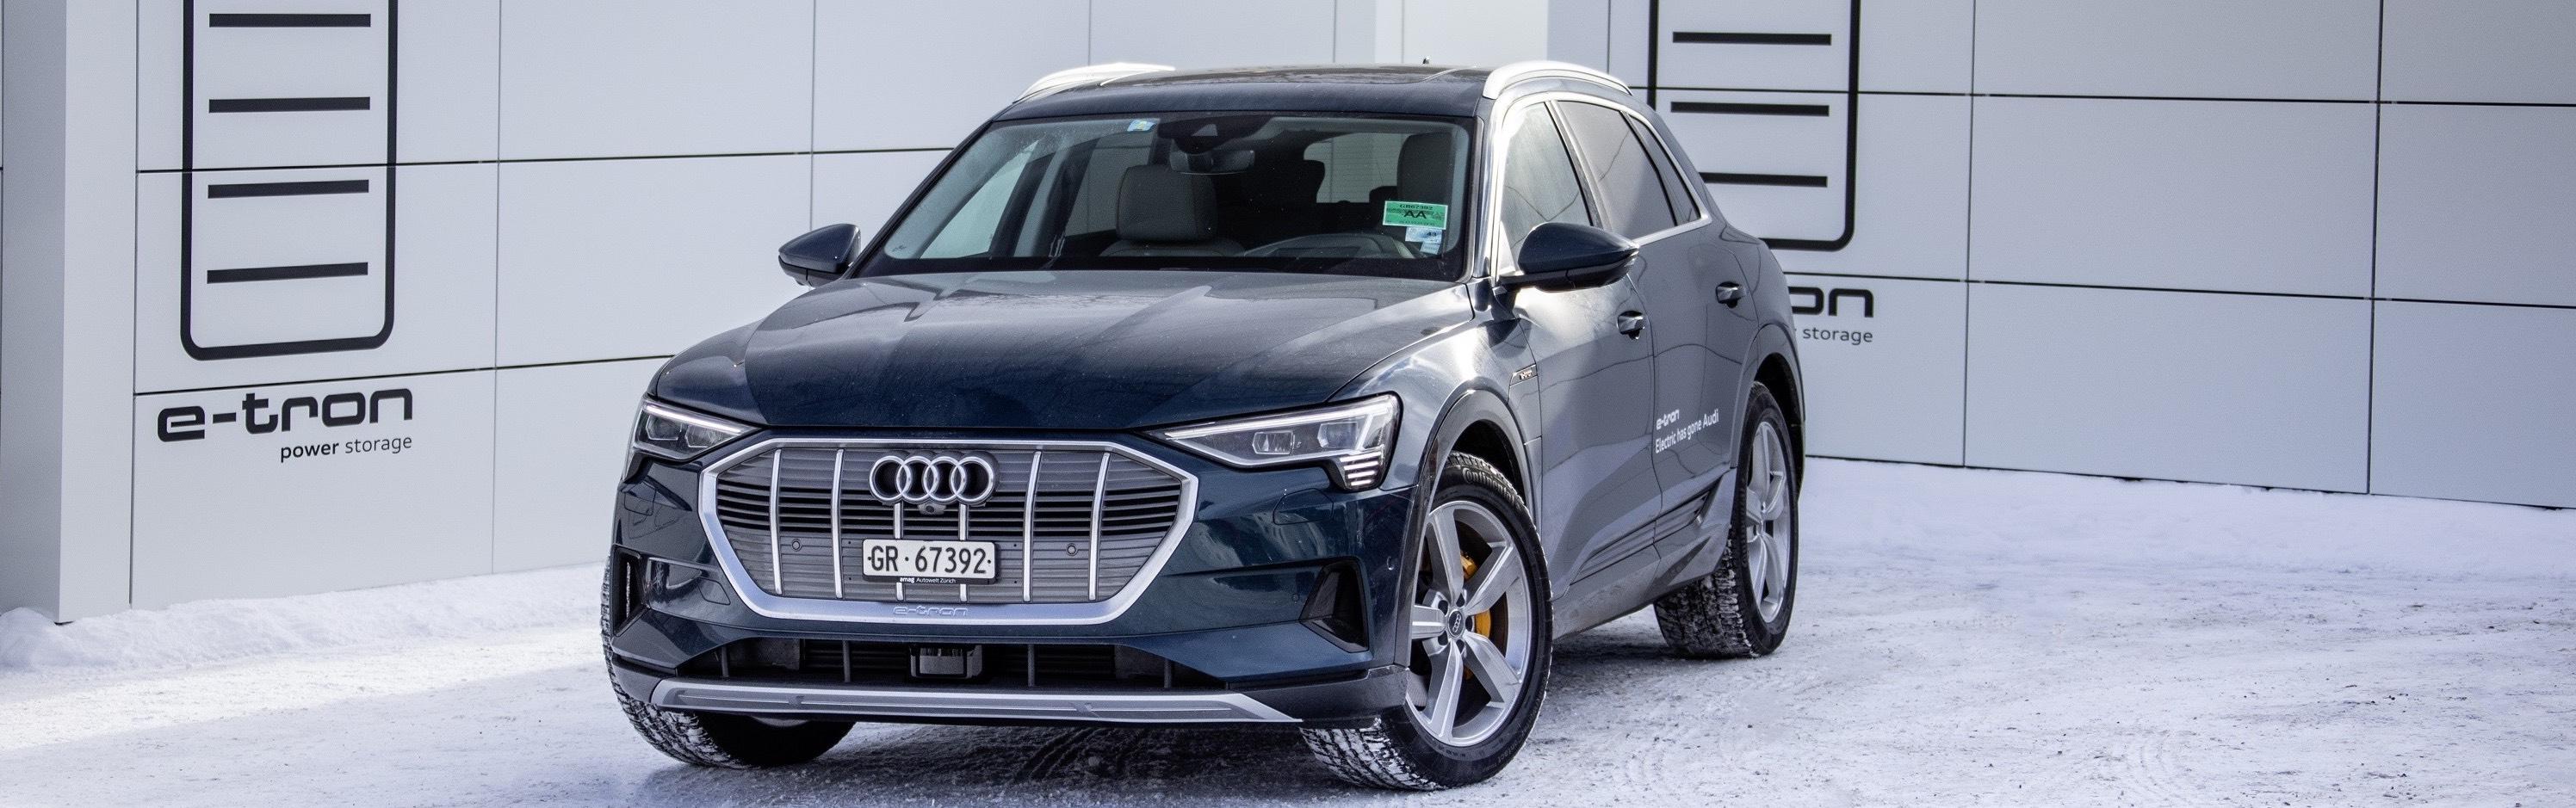 Audi electrifica al Foro Económico Mundial de Davos con 50 unidades e-tron